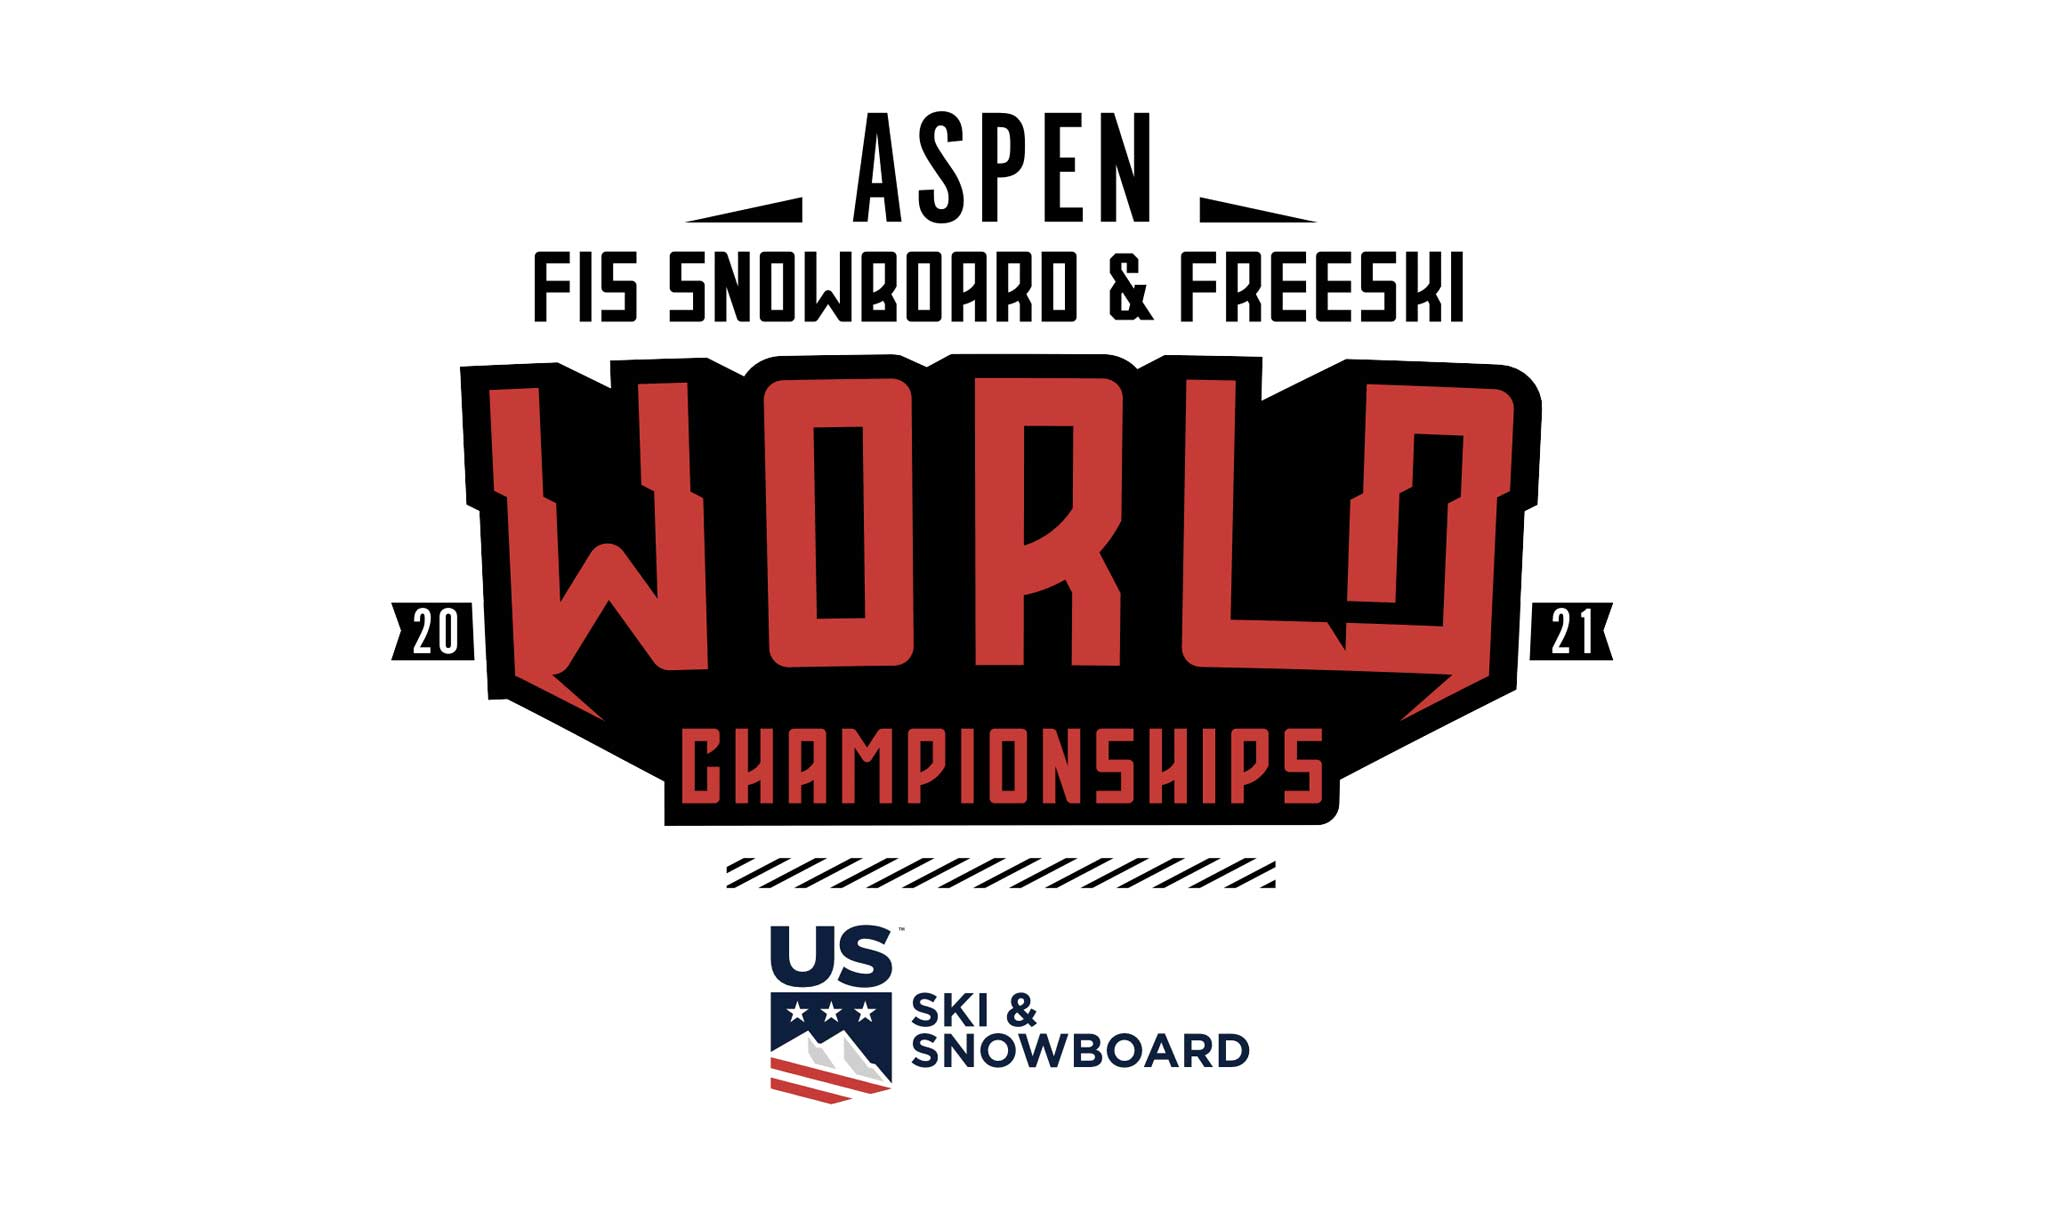 Freeski Weltmeisterschaft 2021 findet in Aspen statt